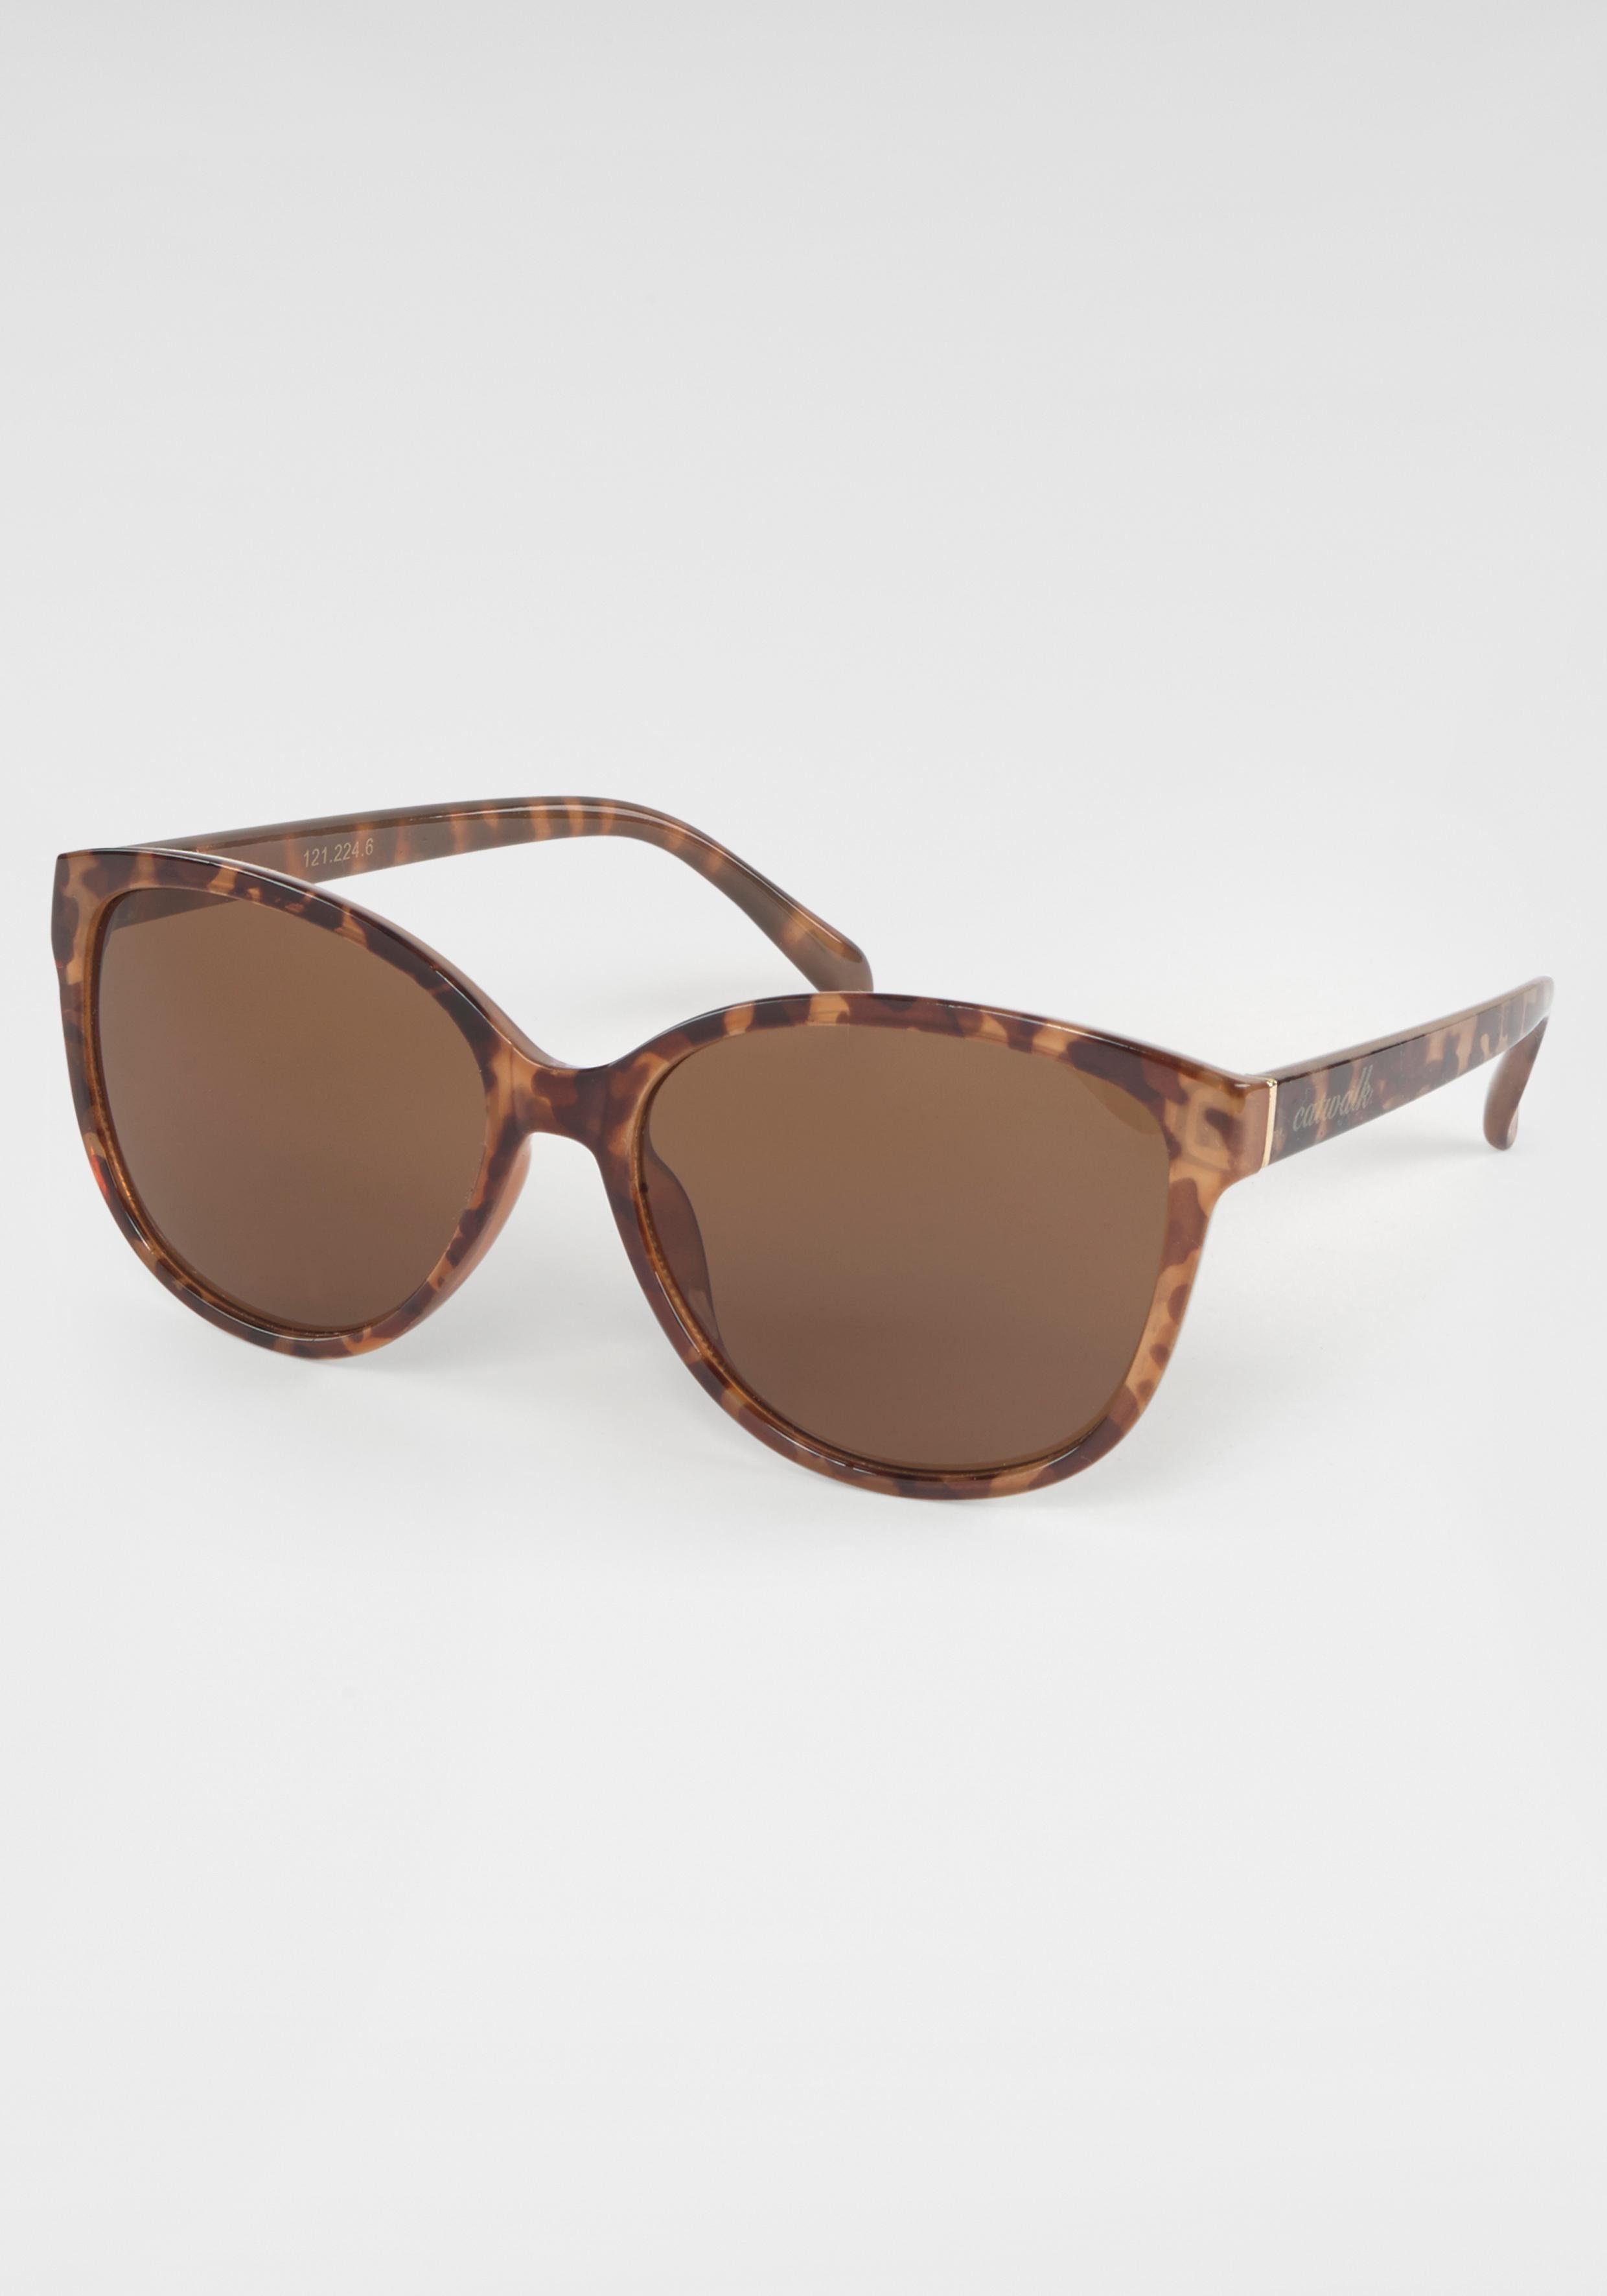 catwalk Eyewear Sonnenbrille Damen Sonnenbrille, Animal Look